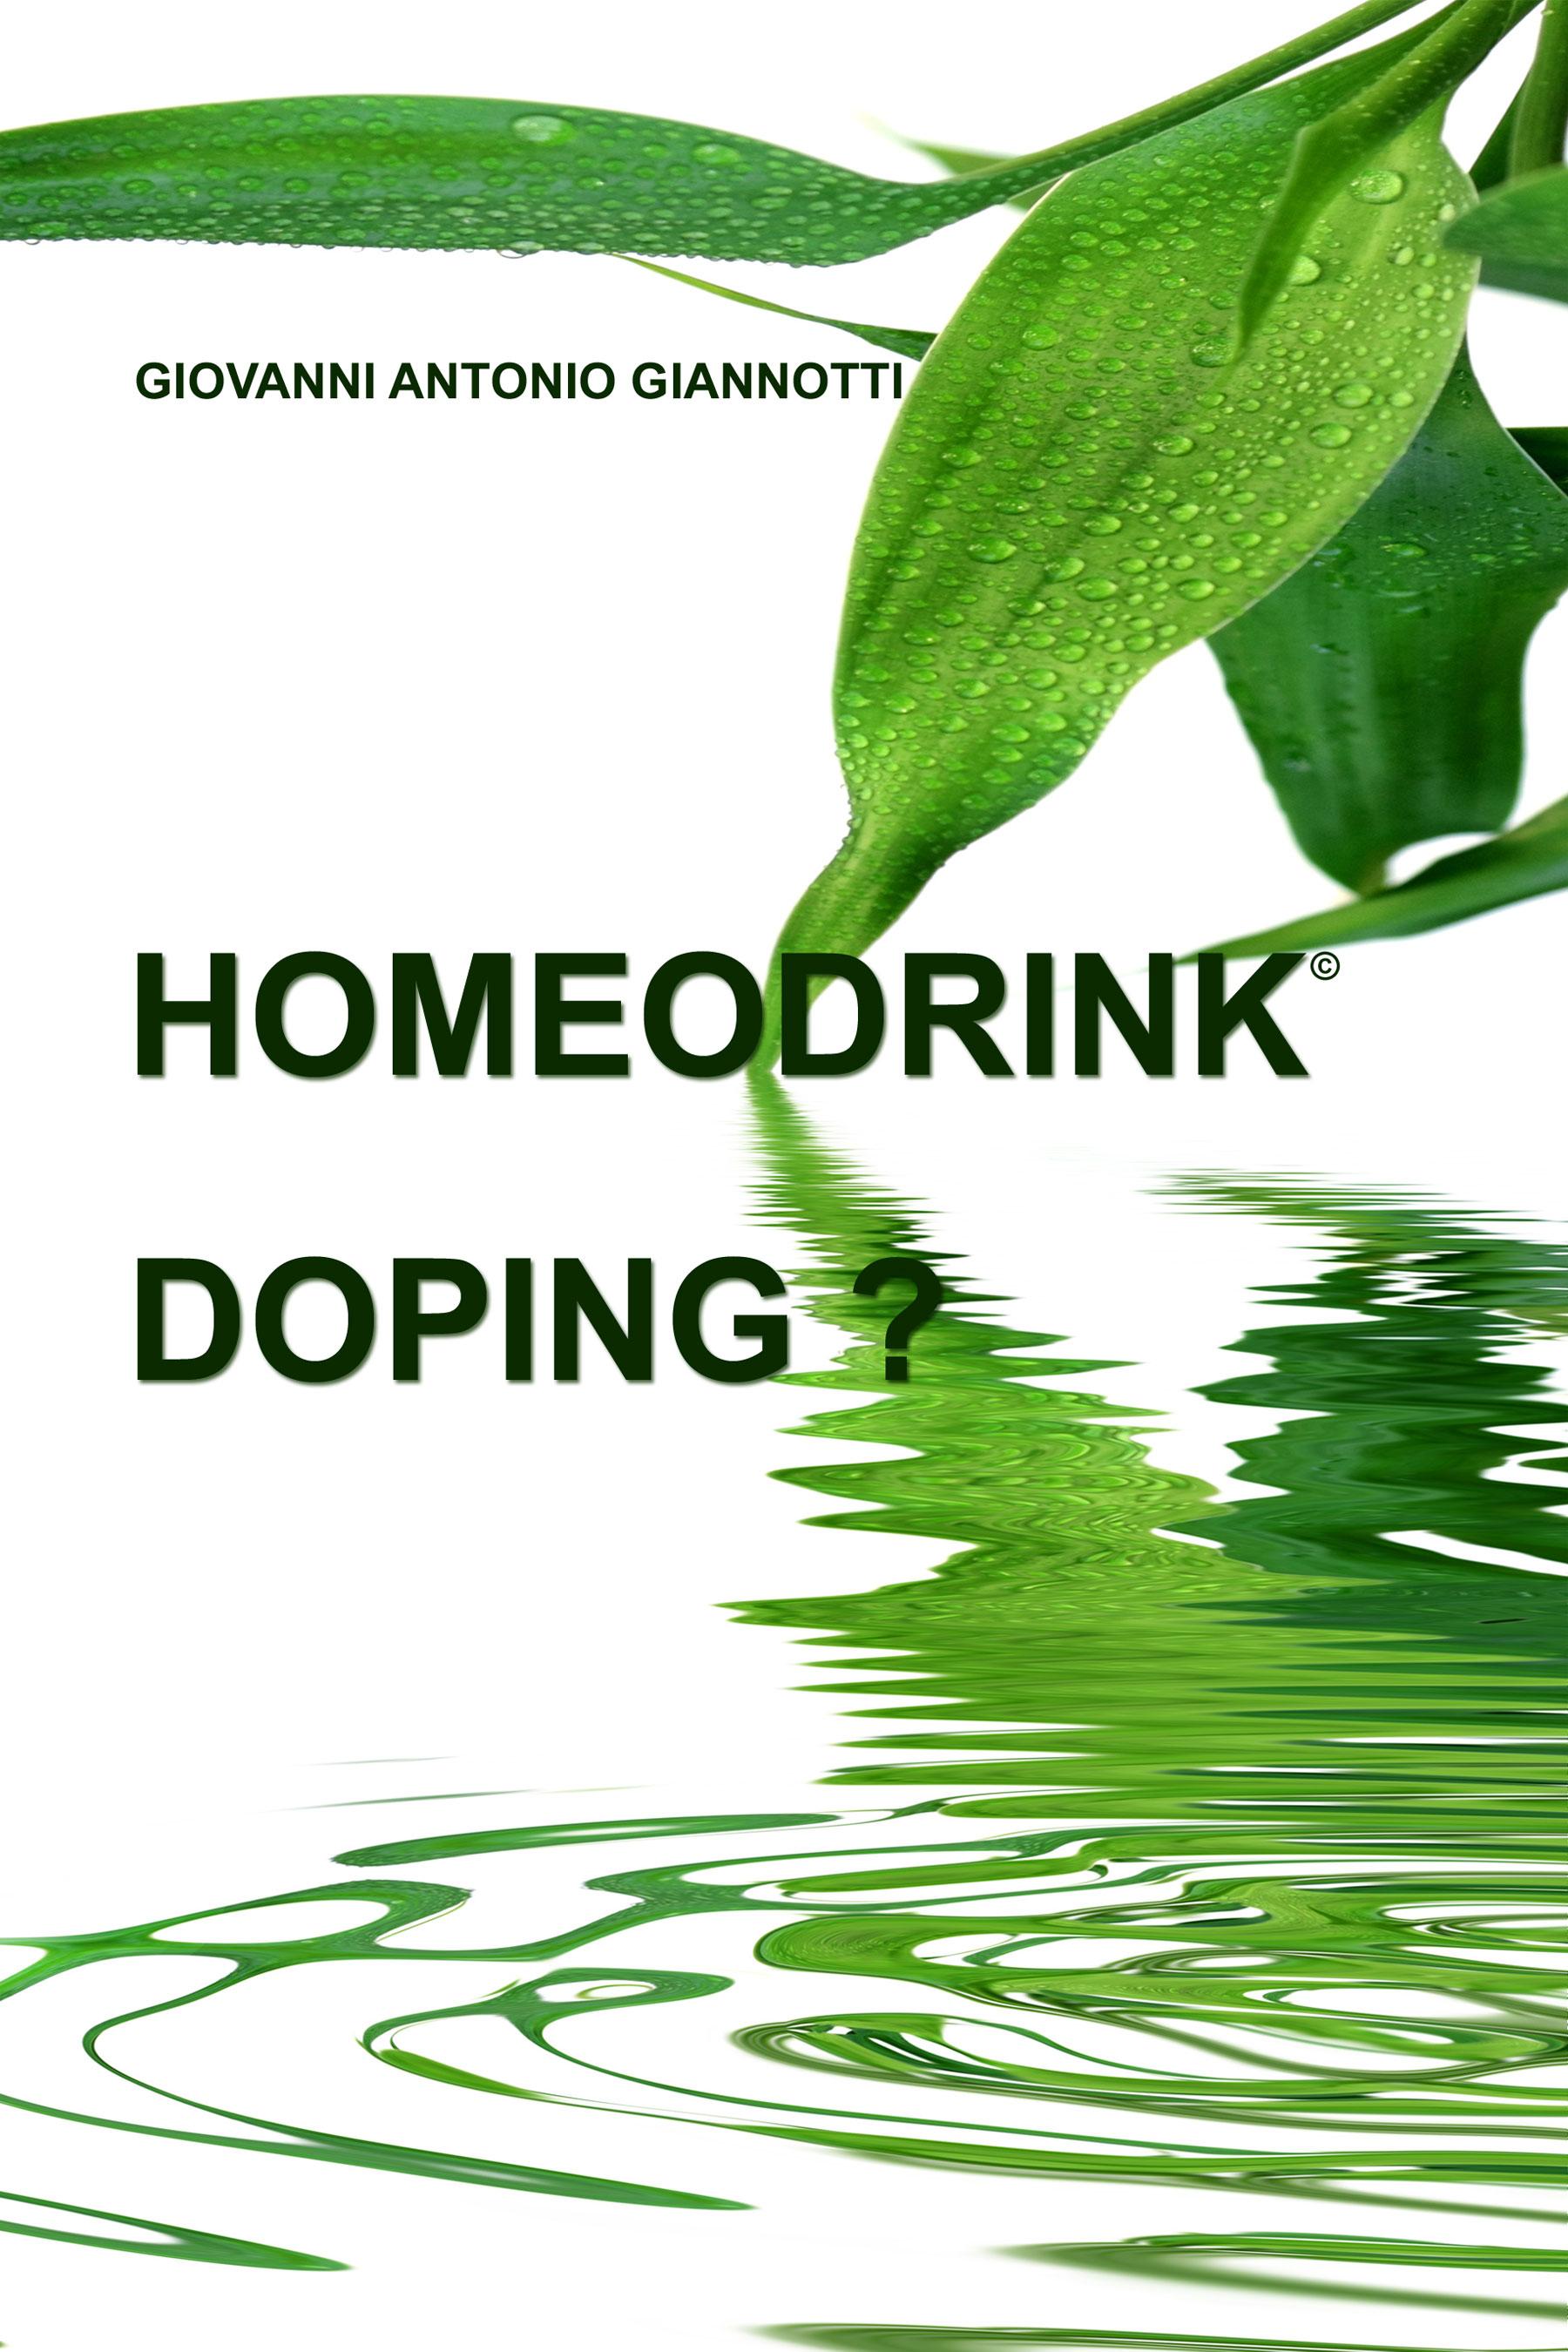 Homeodrink Doping ?